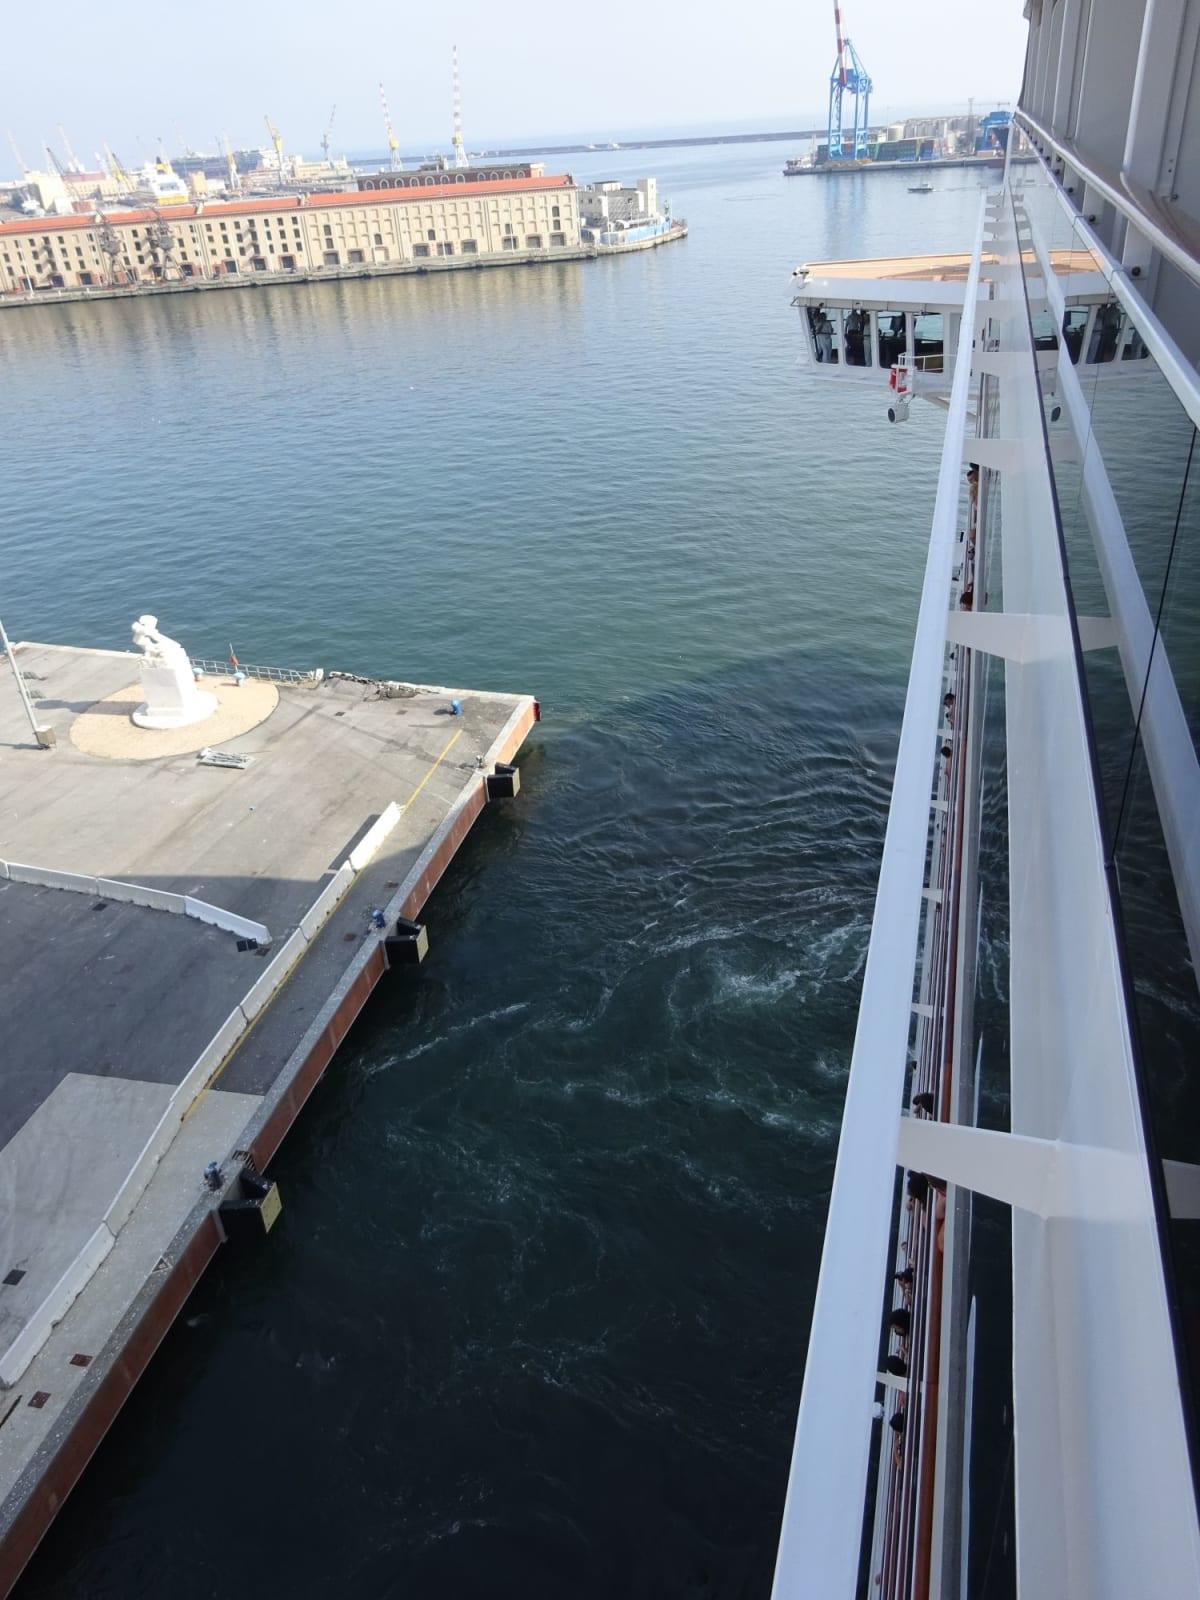 Genoa出航。15階は高いです。   ジェノヴァでの客船MSCプレチオーサ